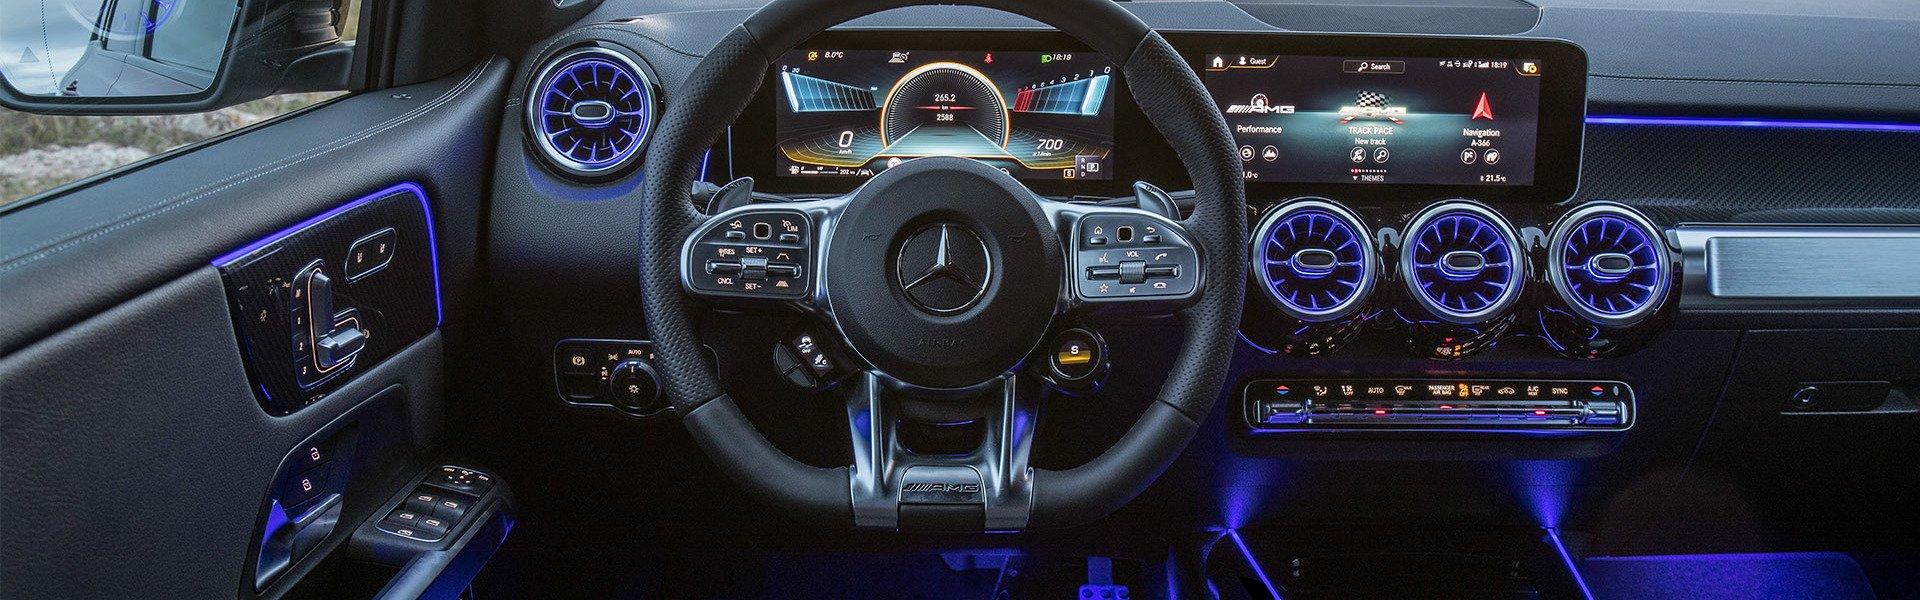 Mercedes-AMG GLB внедорожник